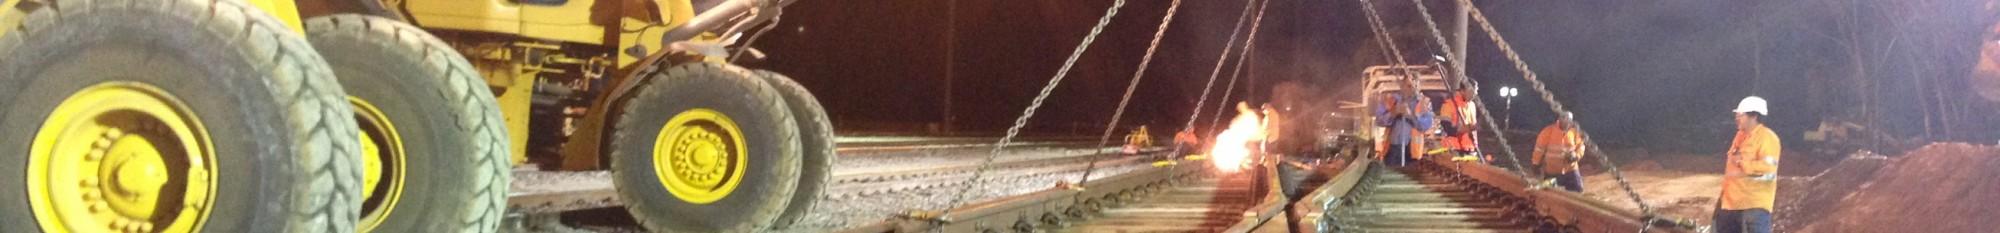 Rail Train by night